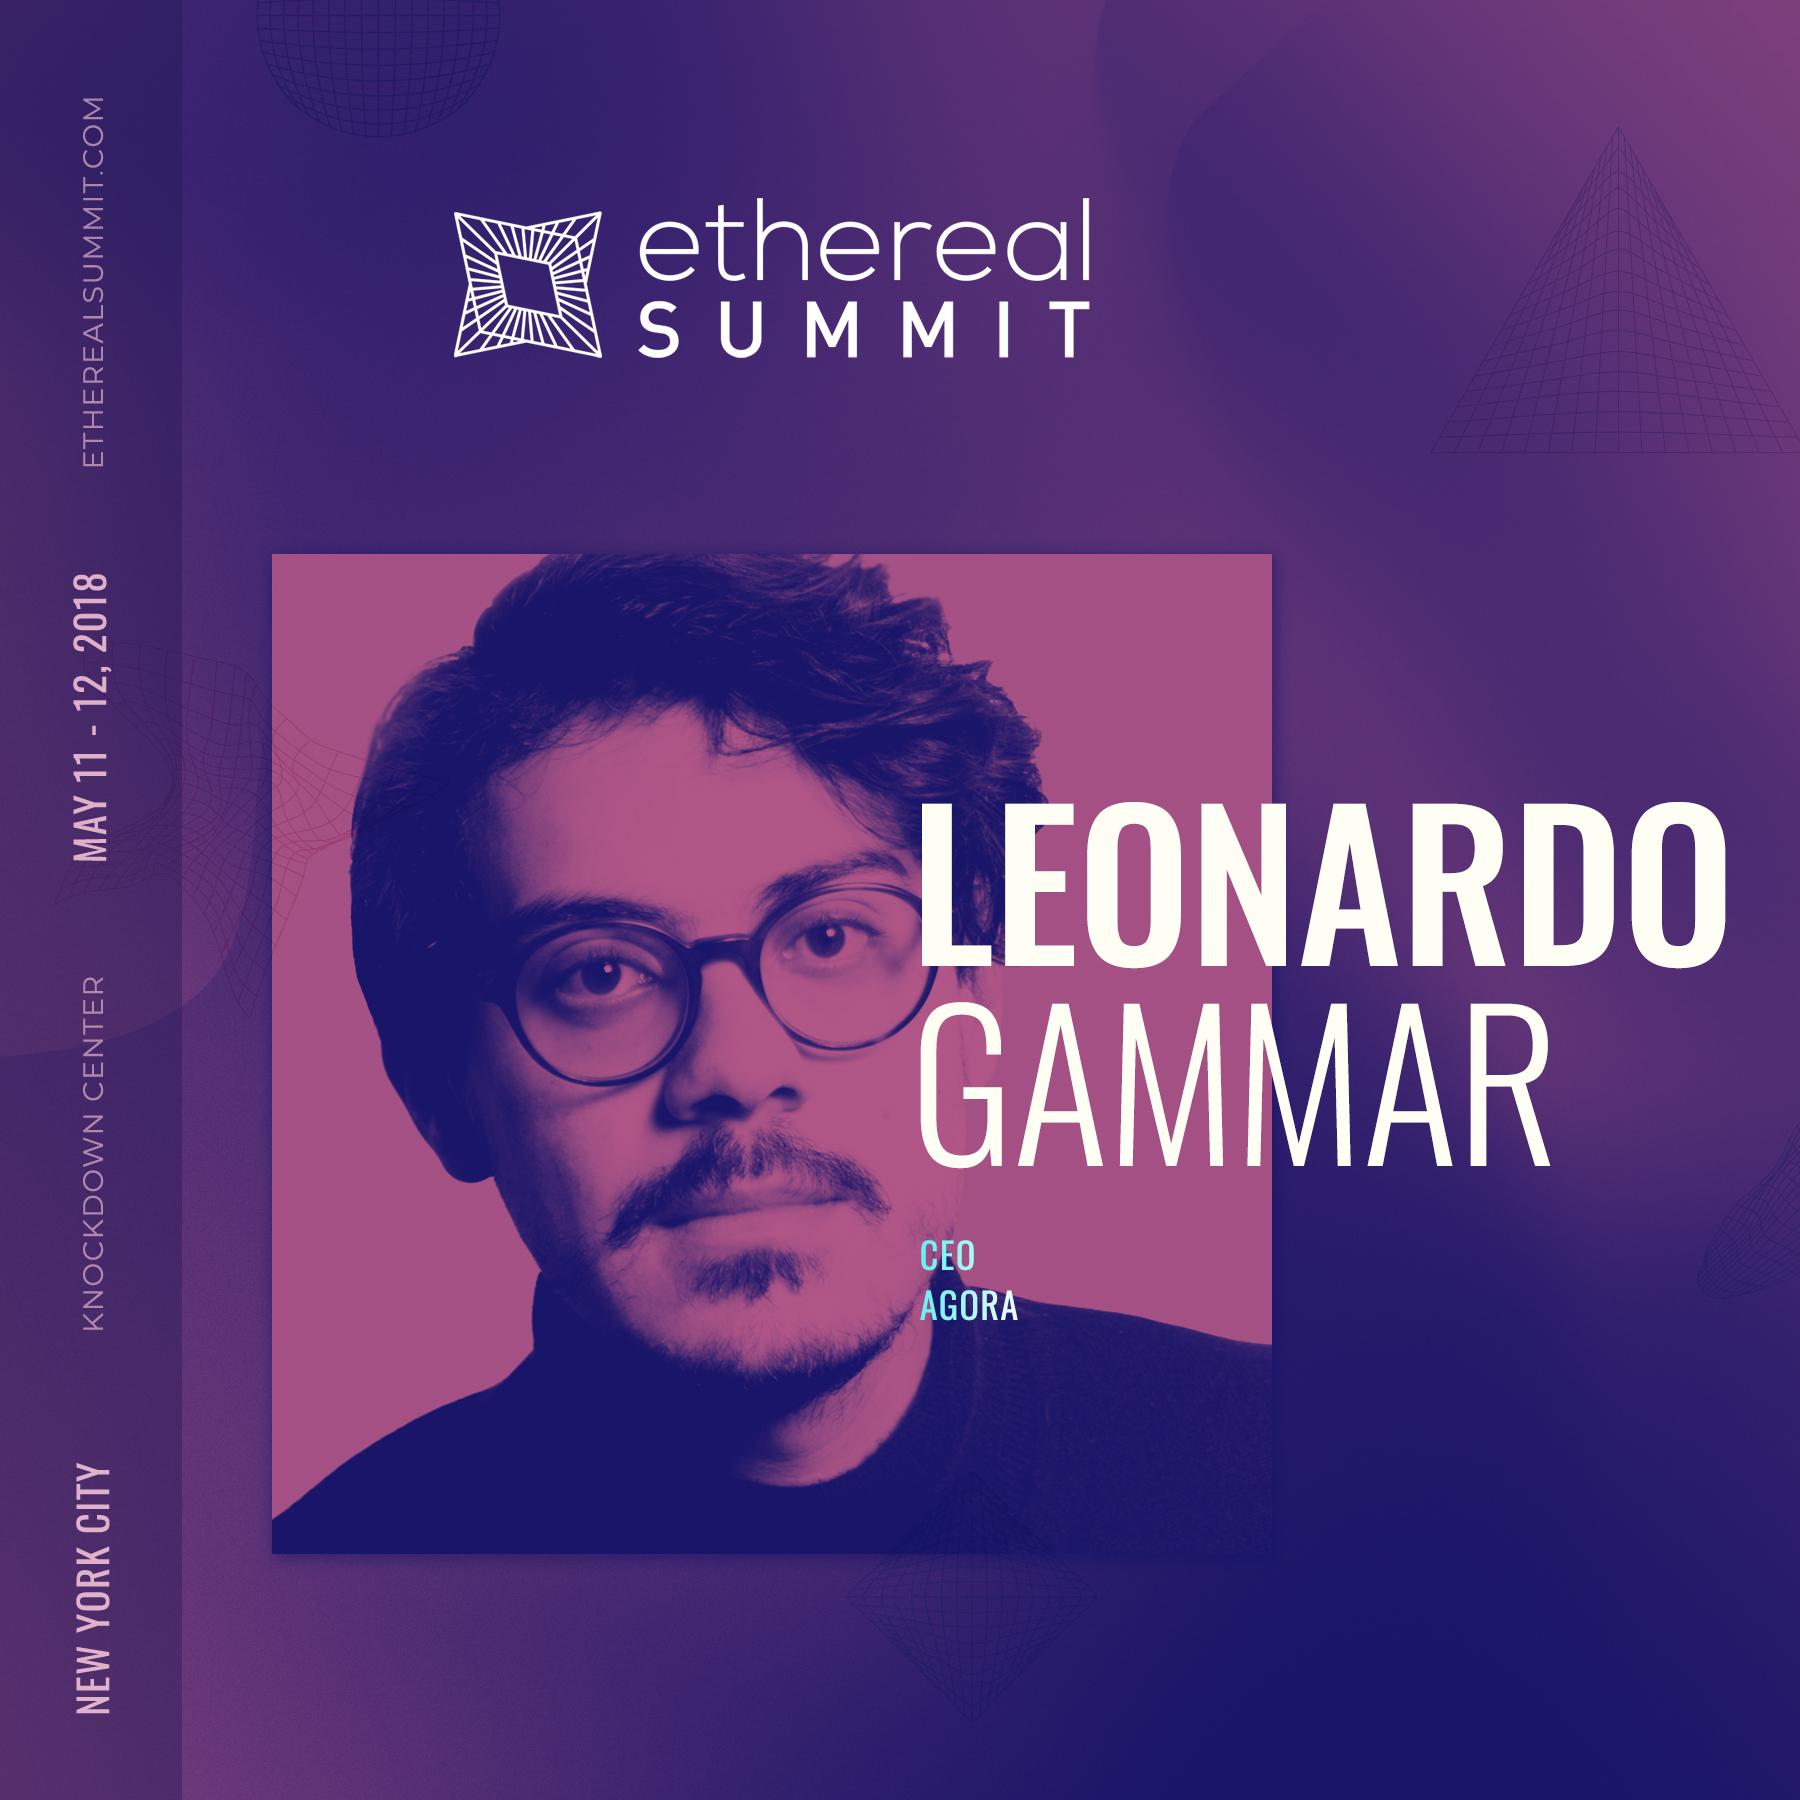 Leonardo Gammar